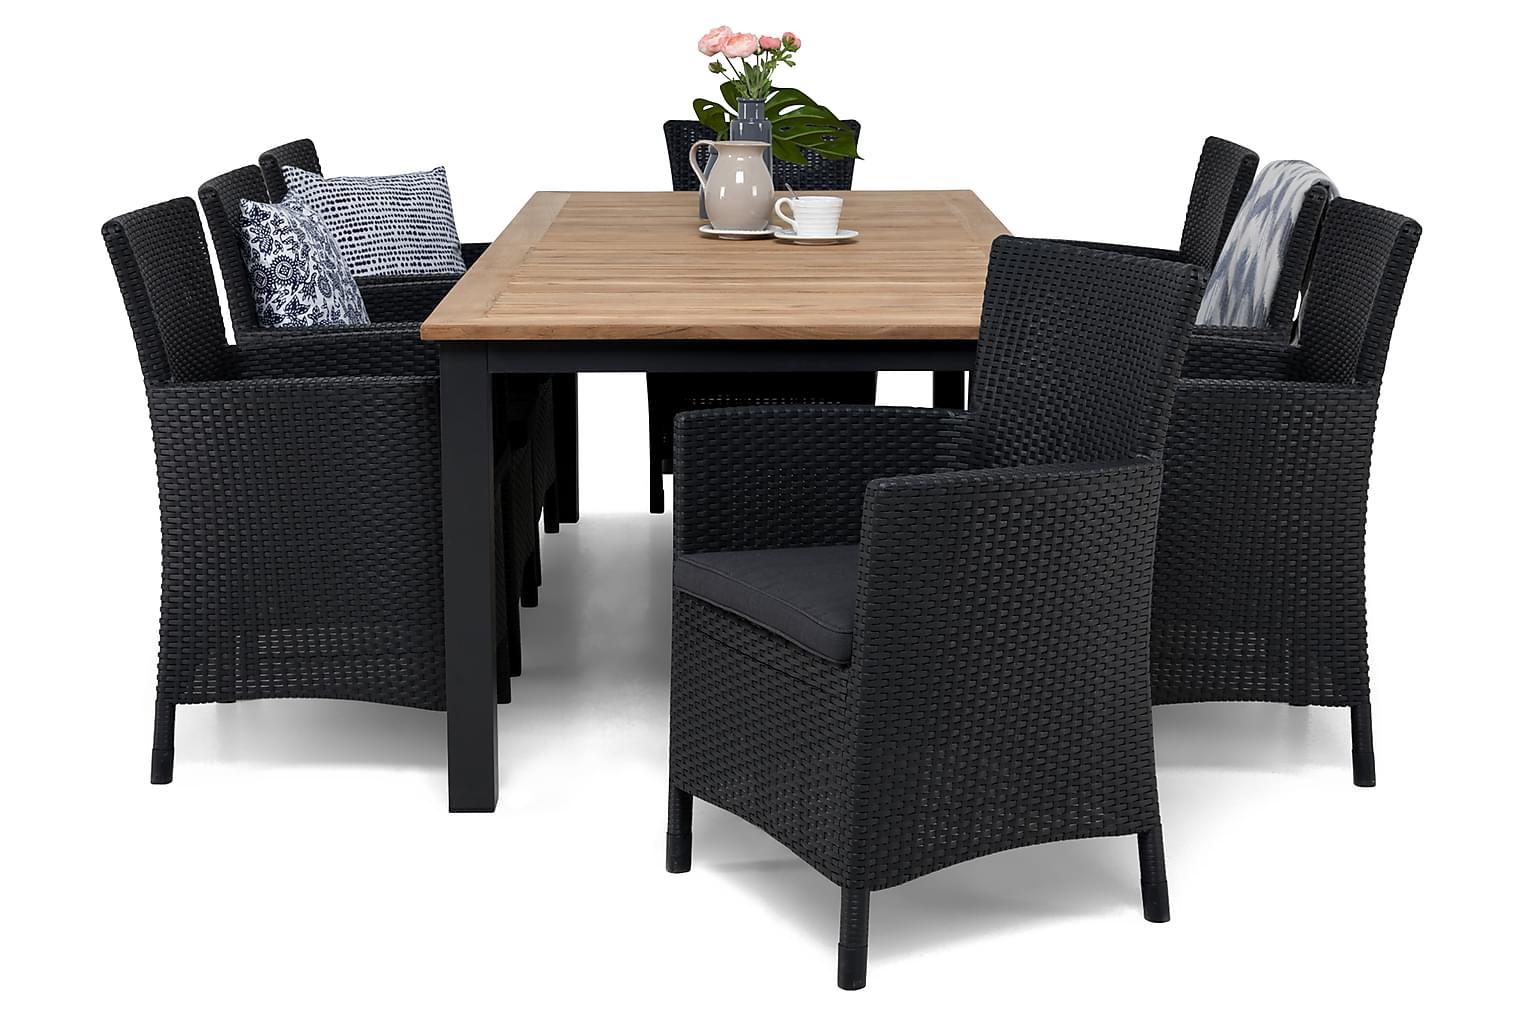 LORETO Pöytä 220-280 + 8 Nojatuolia harmailla tyynyillä